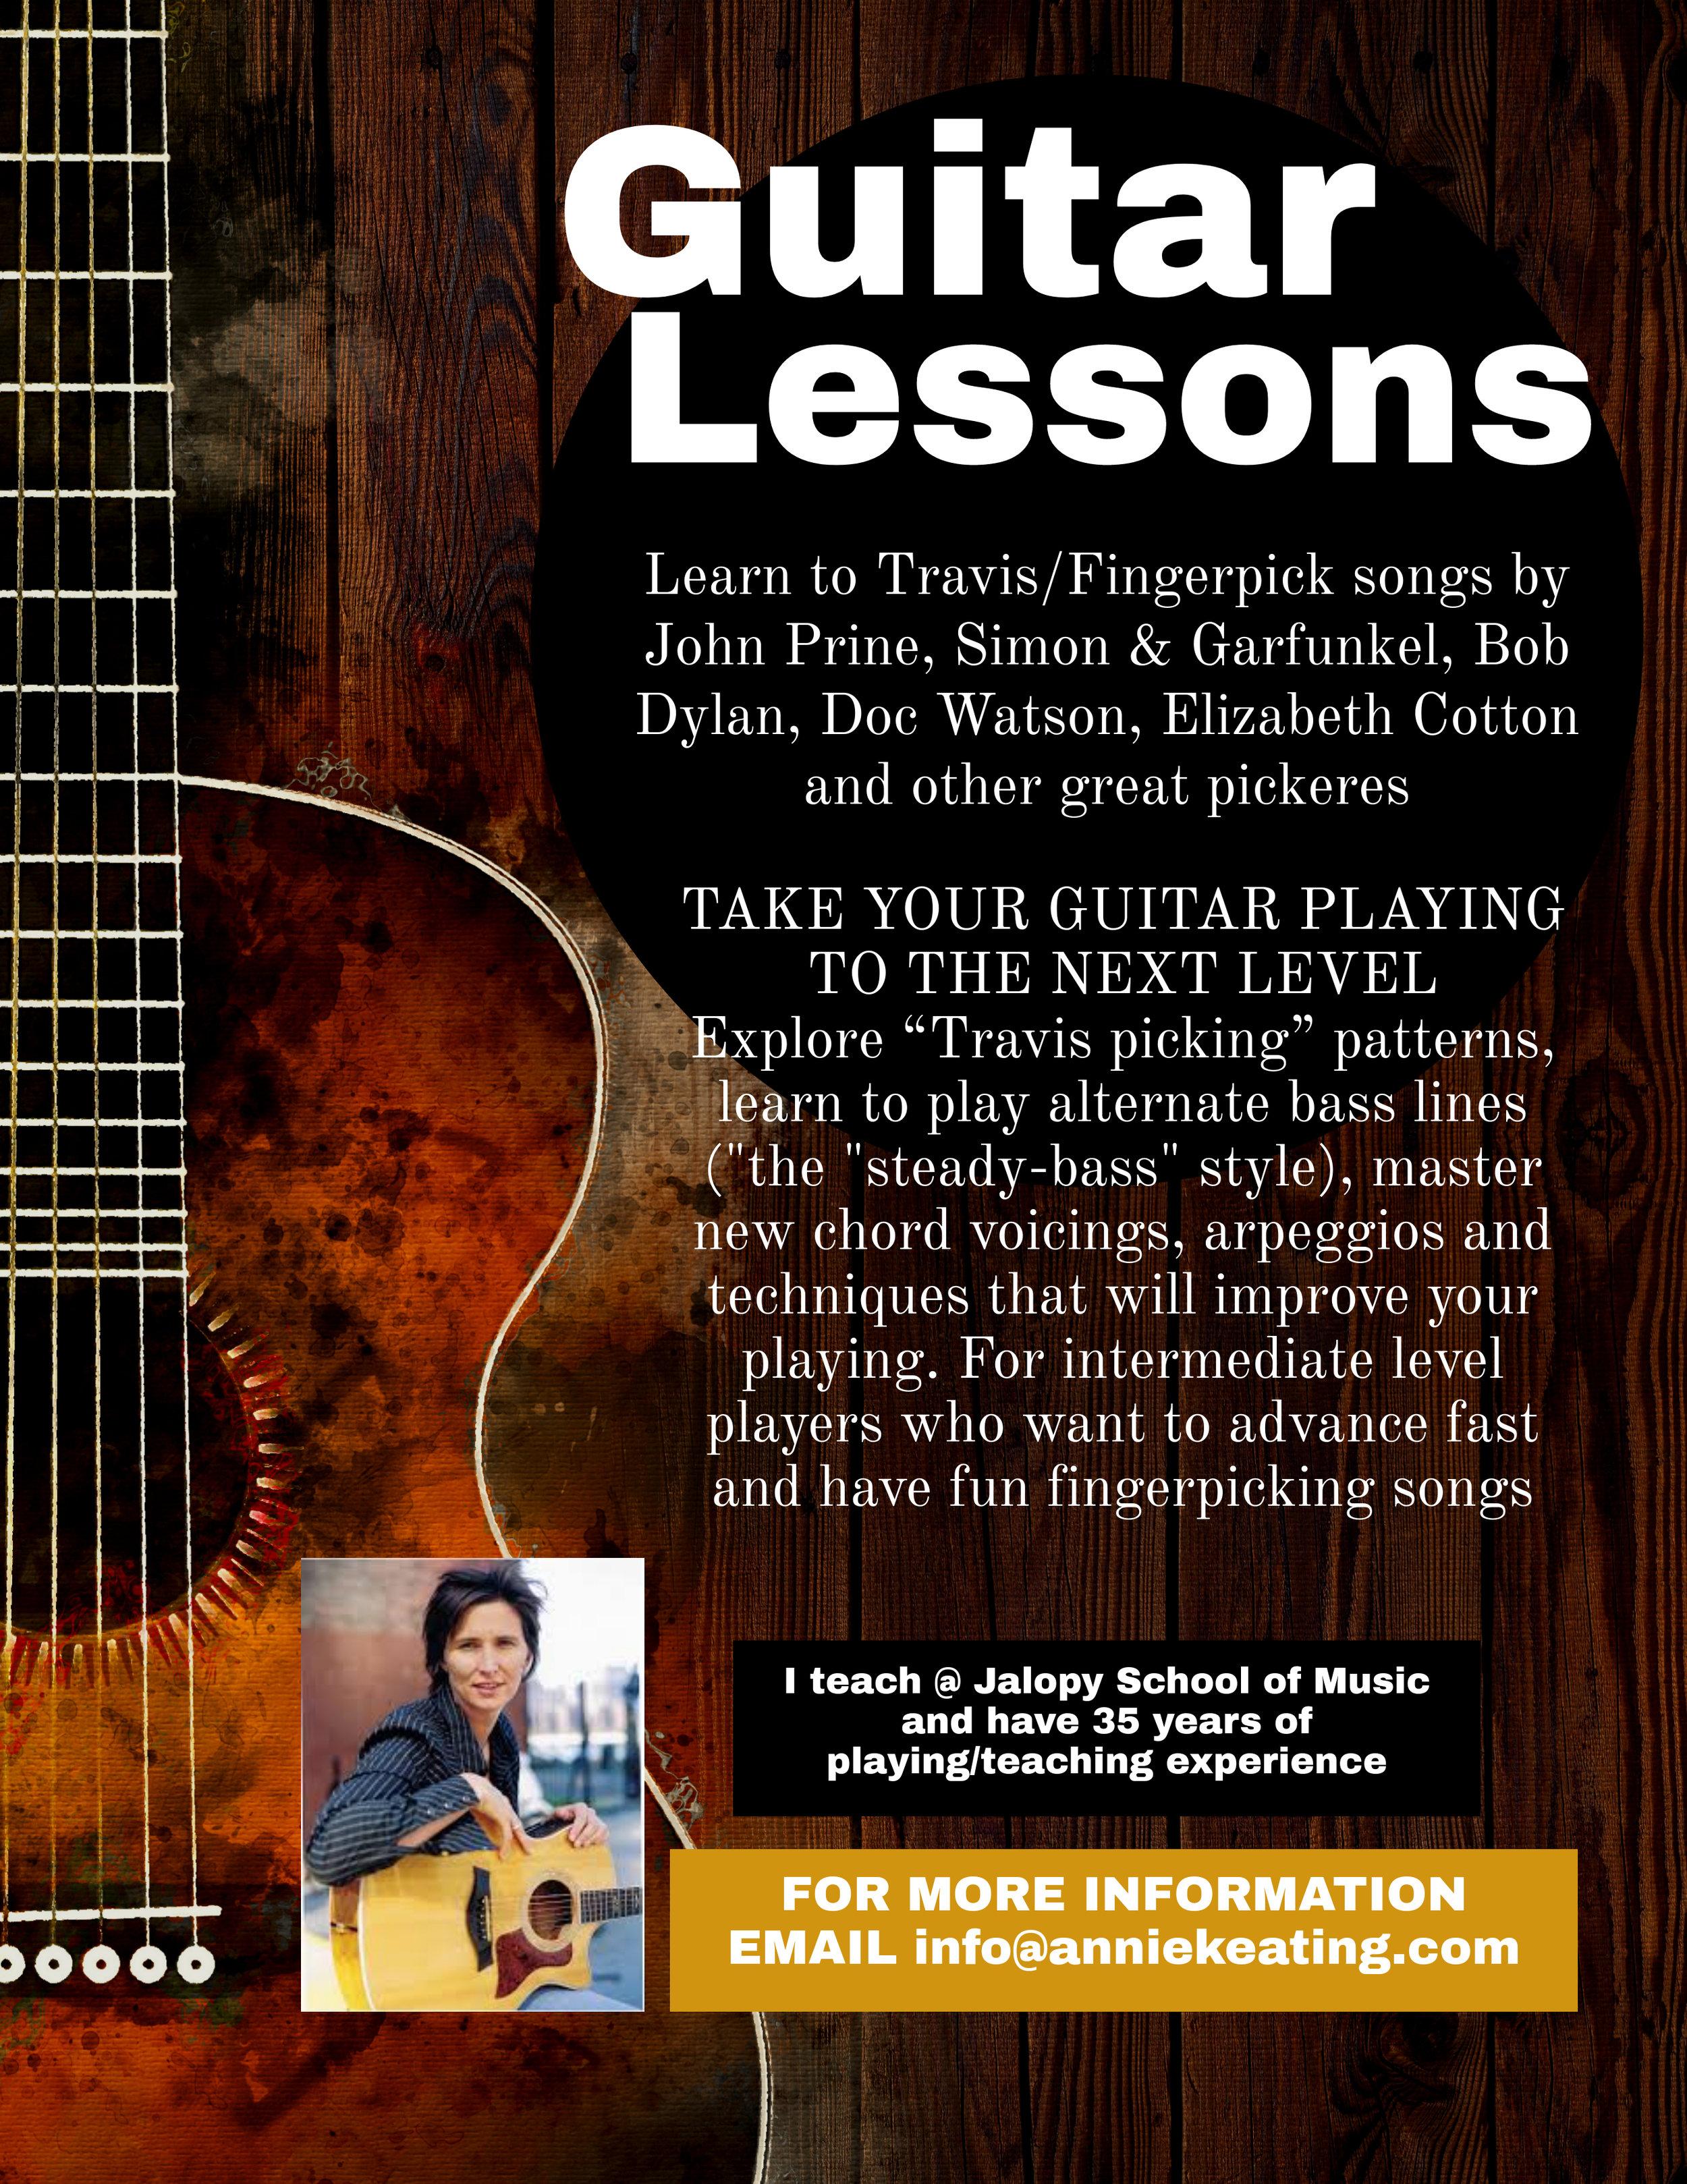 Guitar Lessons Flyer.jpg